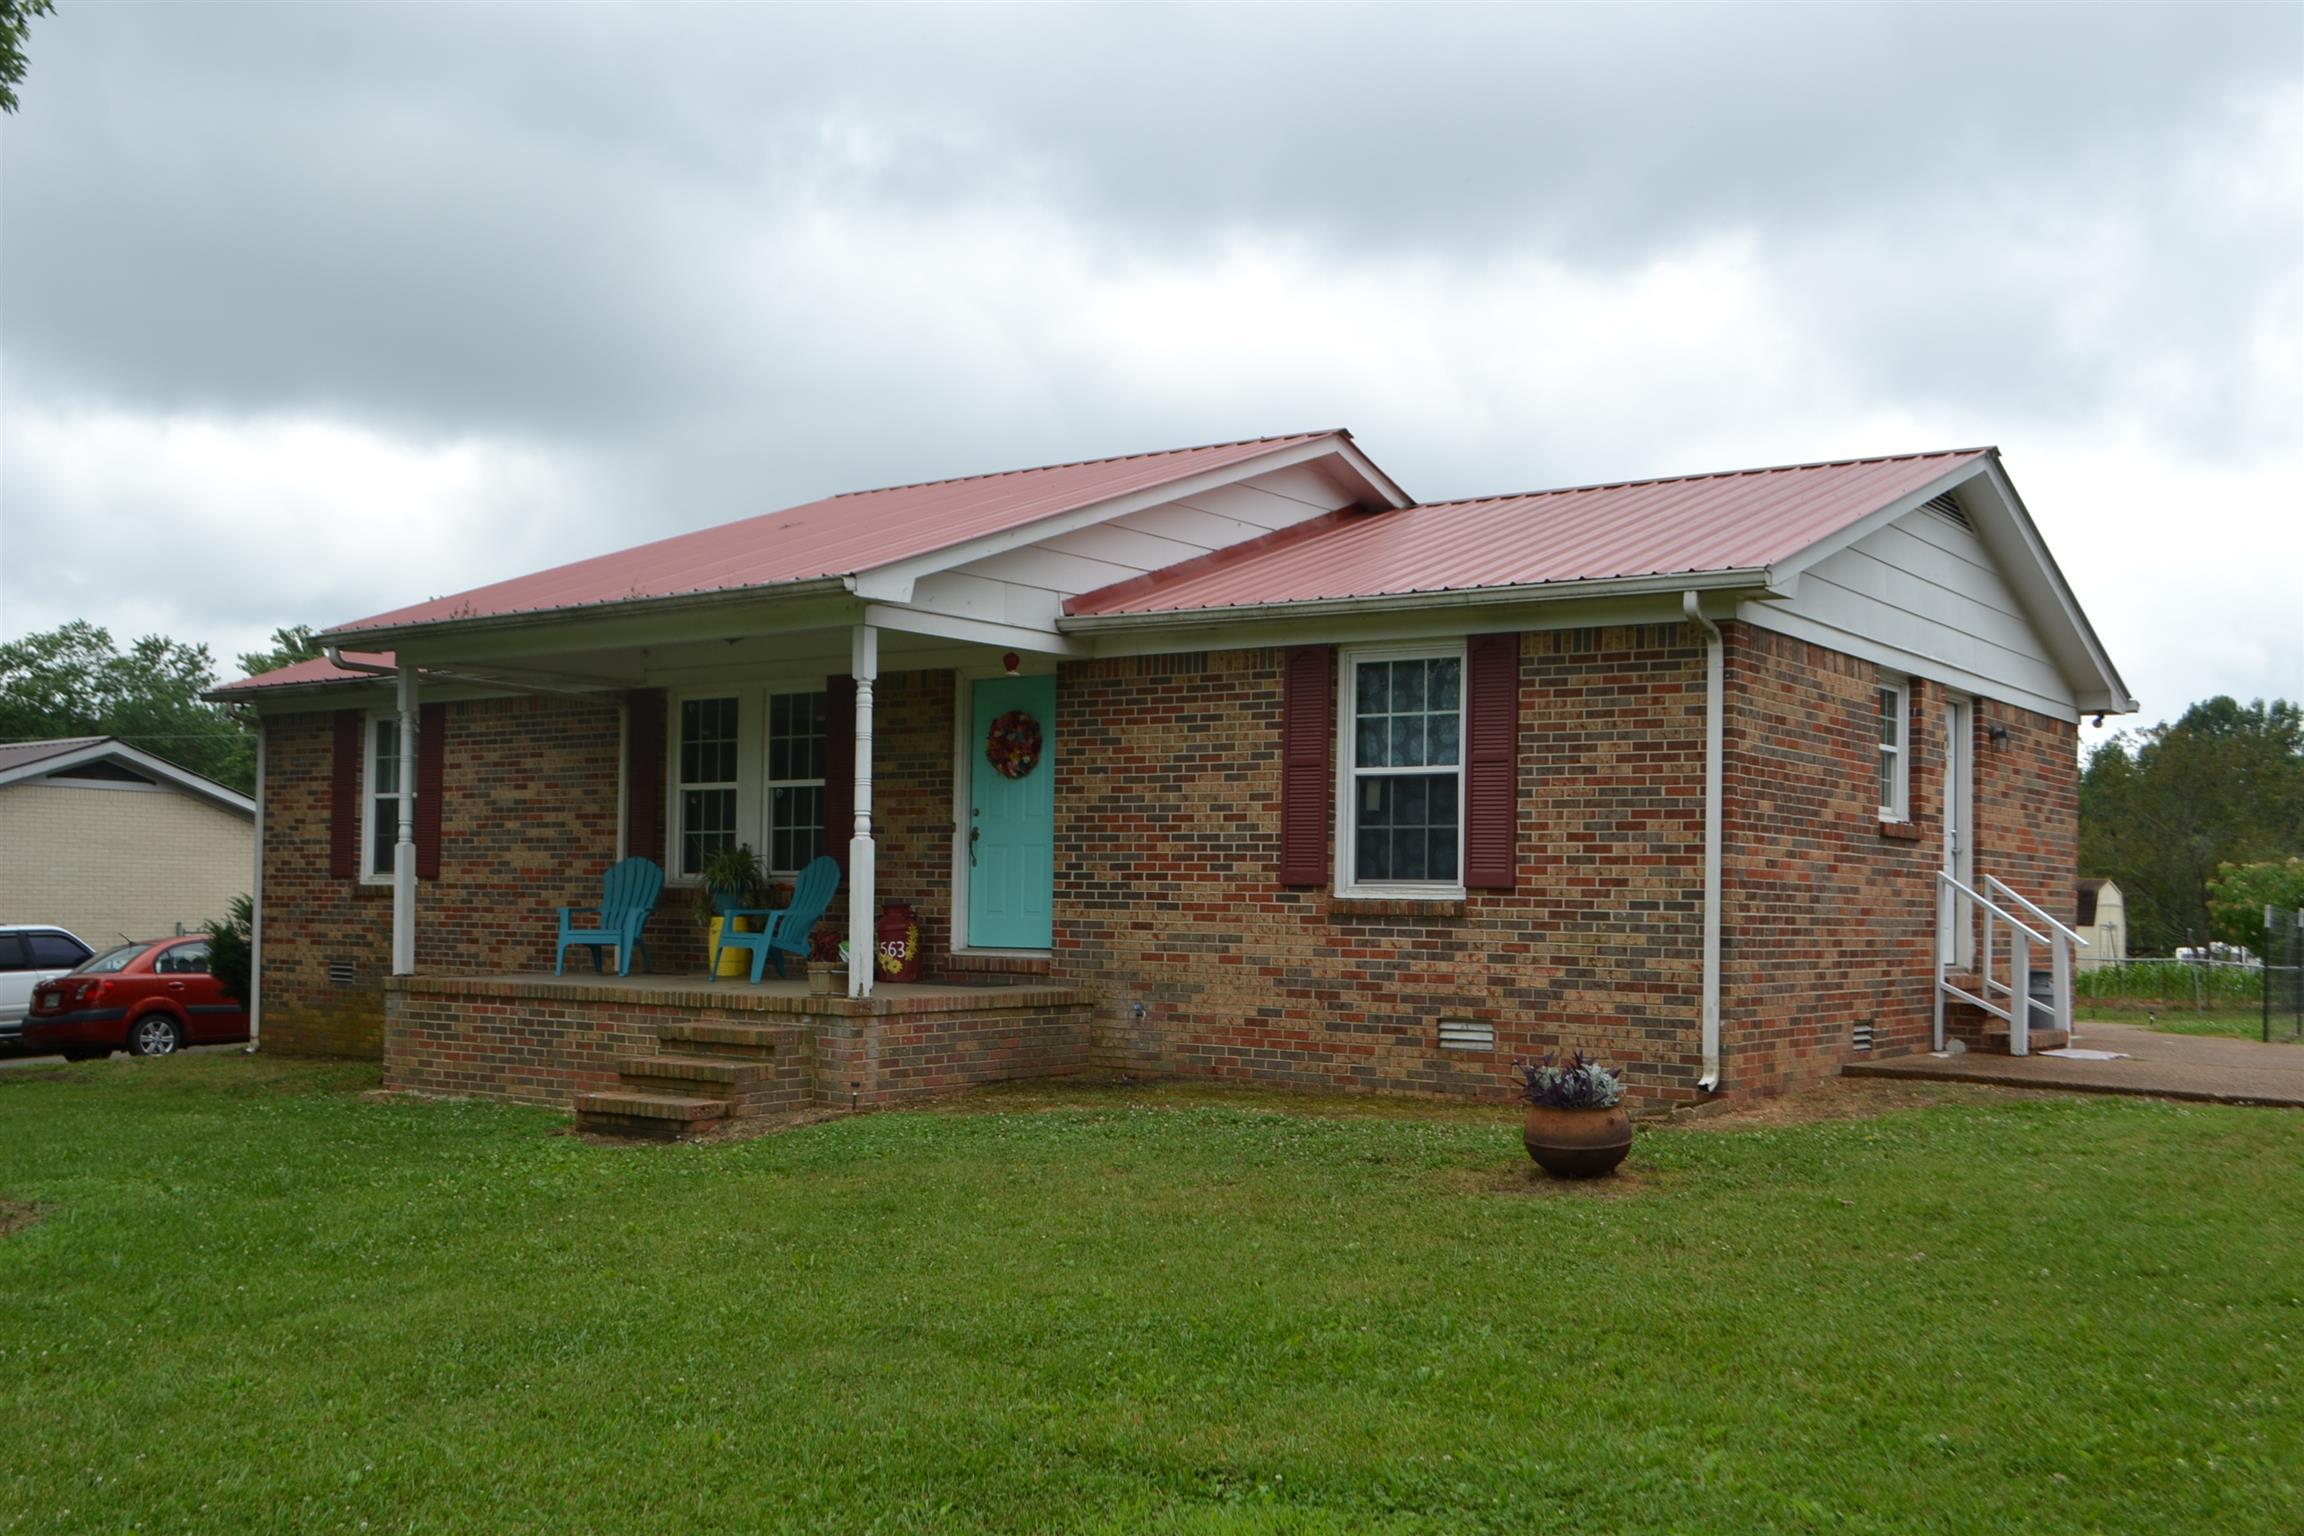 563 McQuade Cir, McMinnville, TN 37110 - McMinnville, TN real estate listing